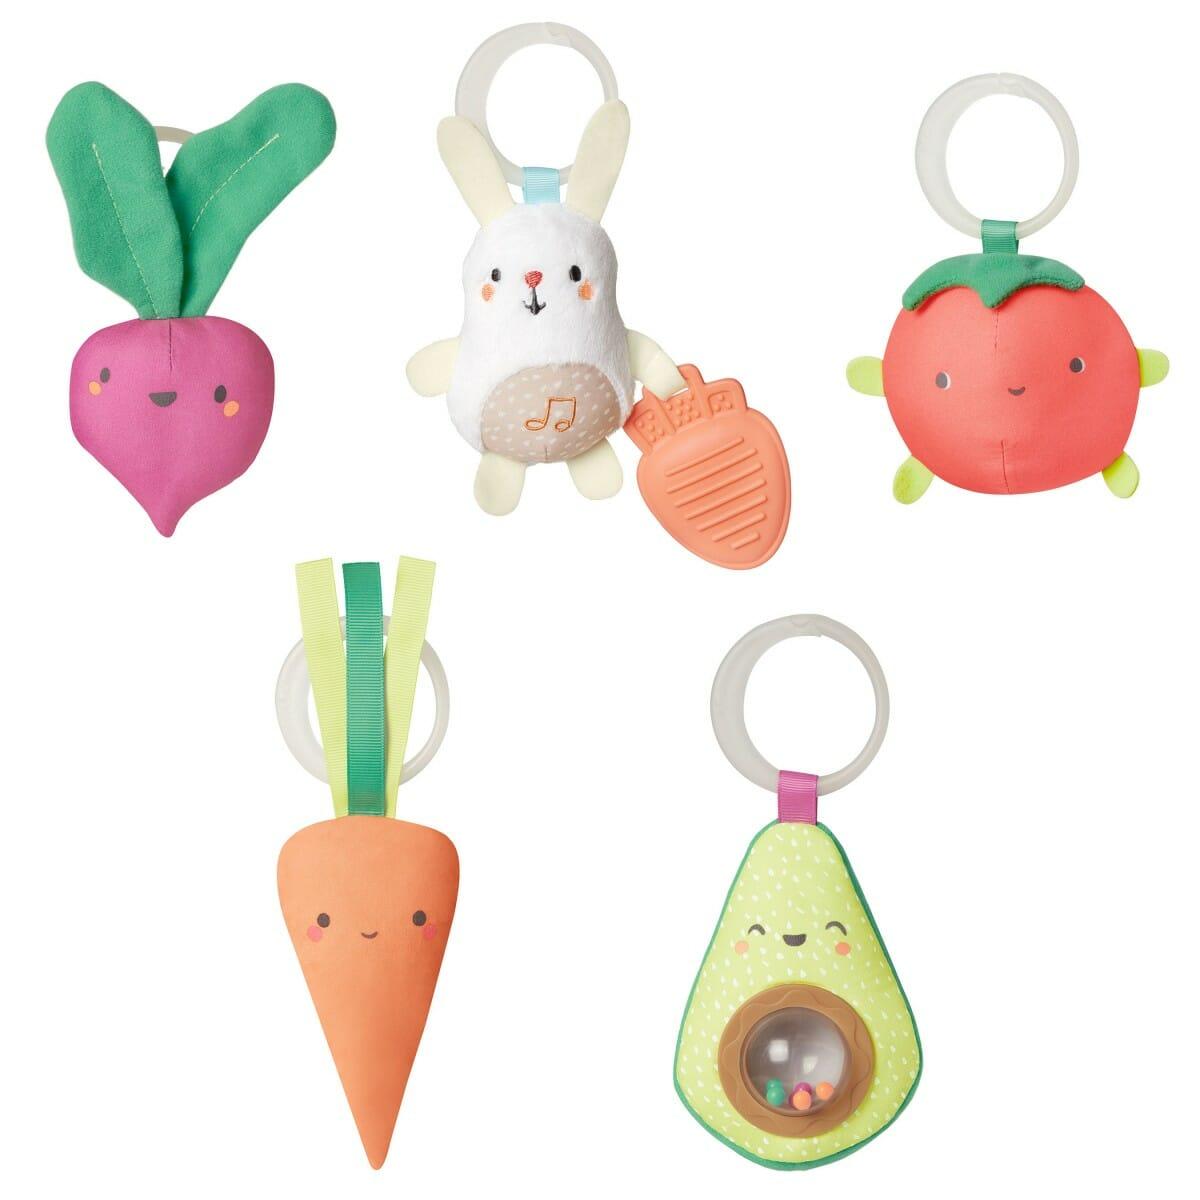 Skip Hop Farmstand Grow & Play Activity Gym Toys